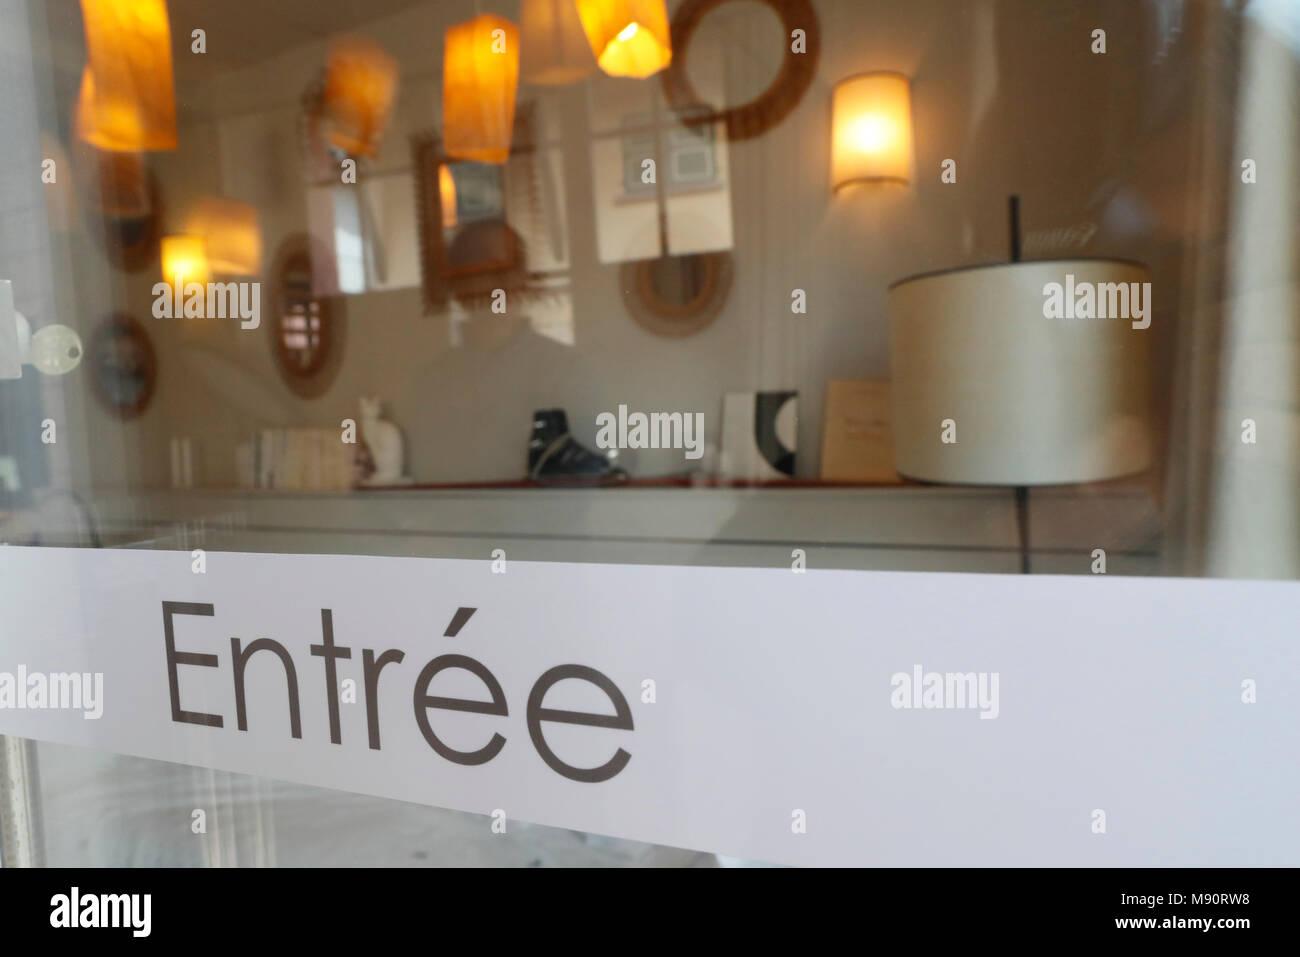 Hotel entrance. - Stock Image